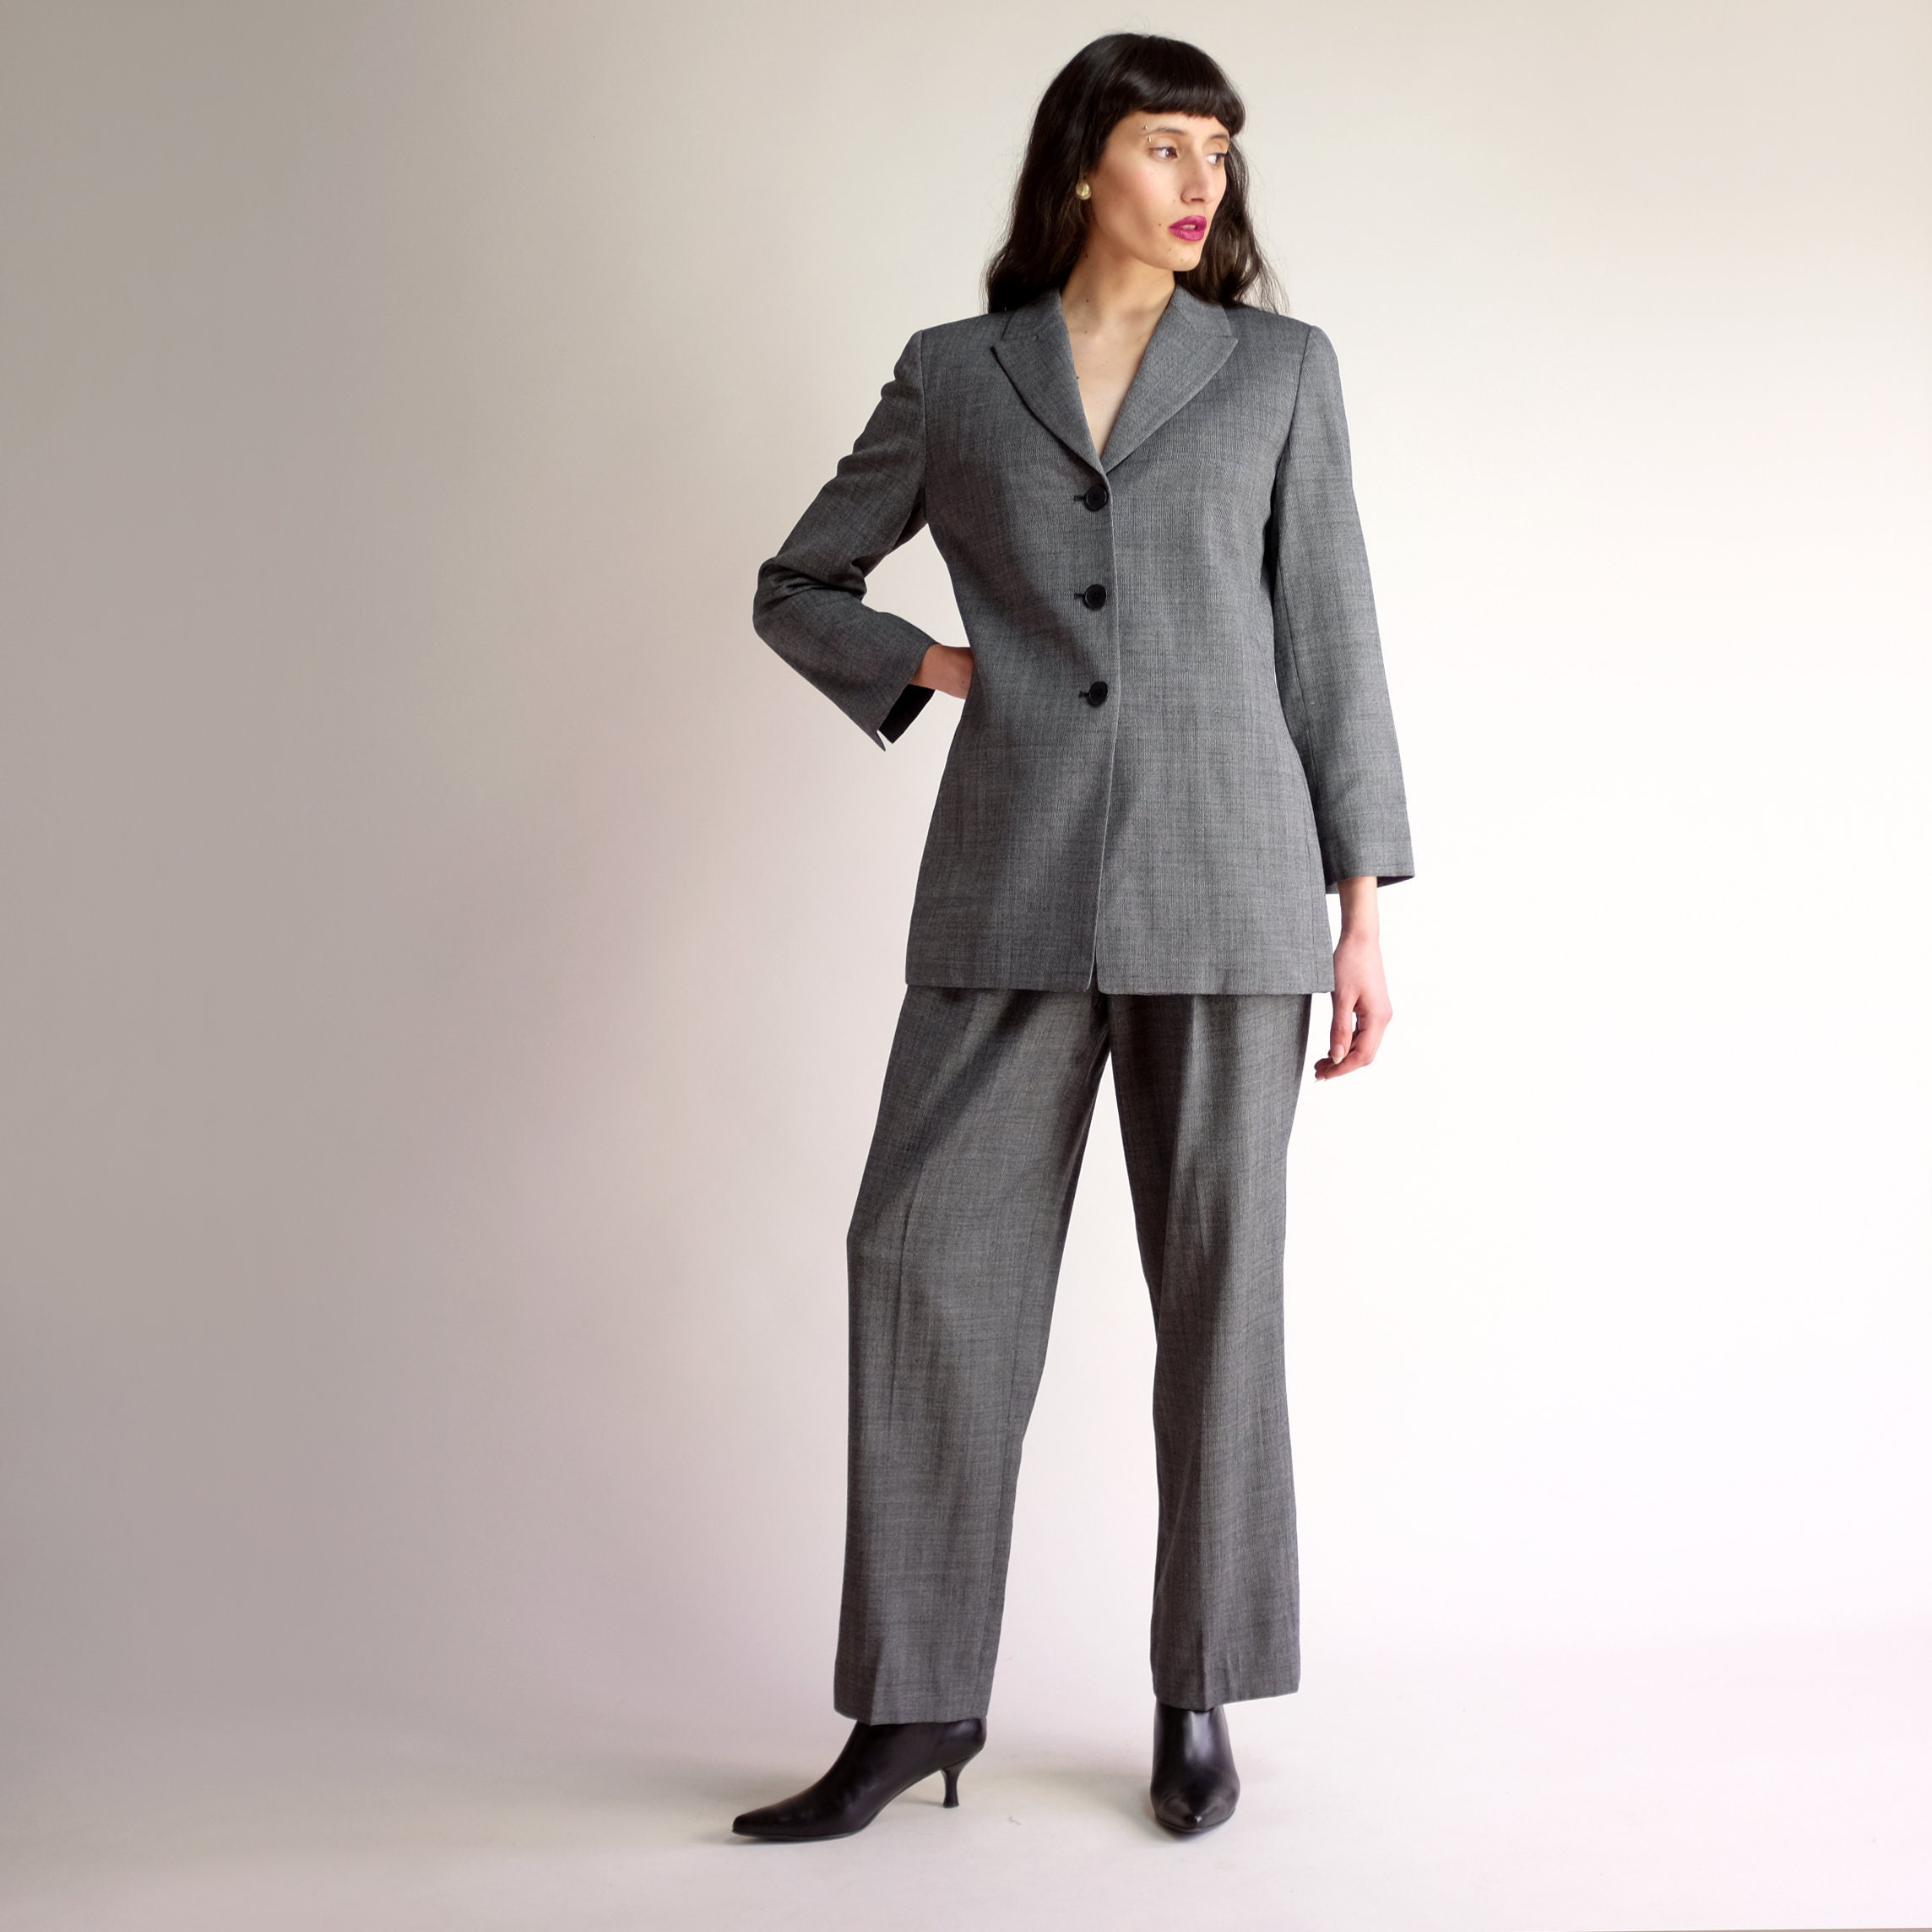 5203858d3320 90s Minimal Pantsuit High Waisted Vintage ELLEN TRACY Suit | Etsy